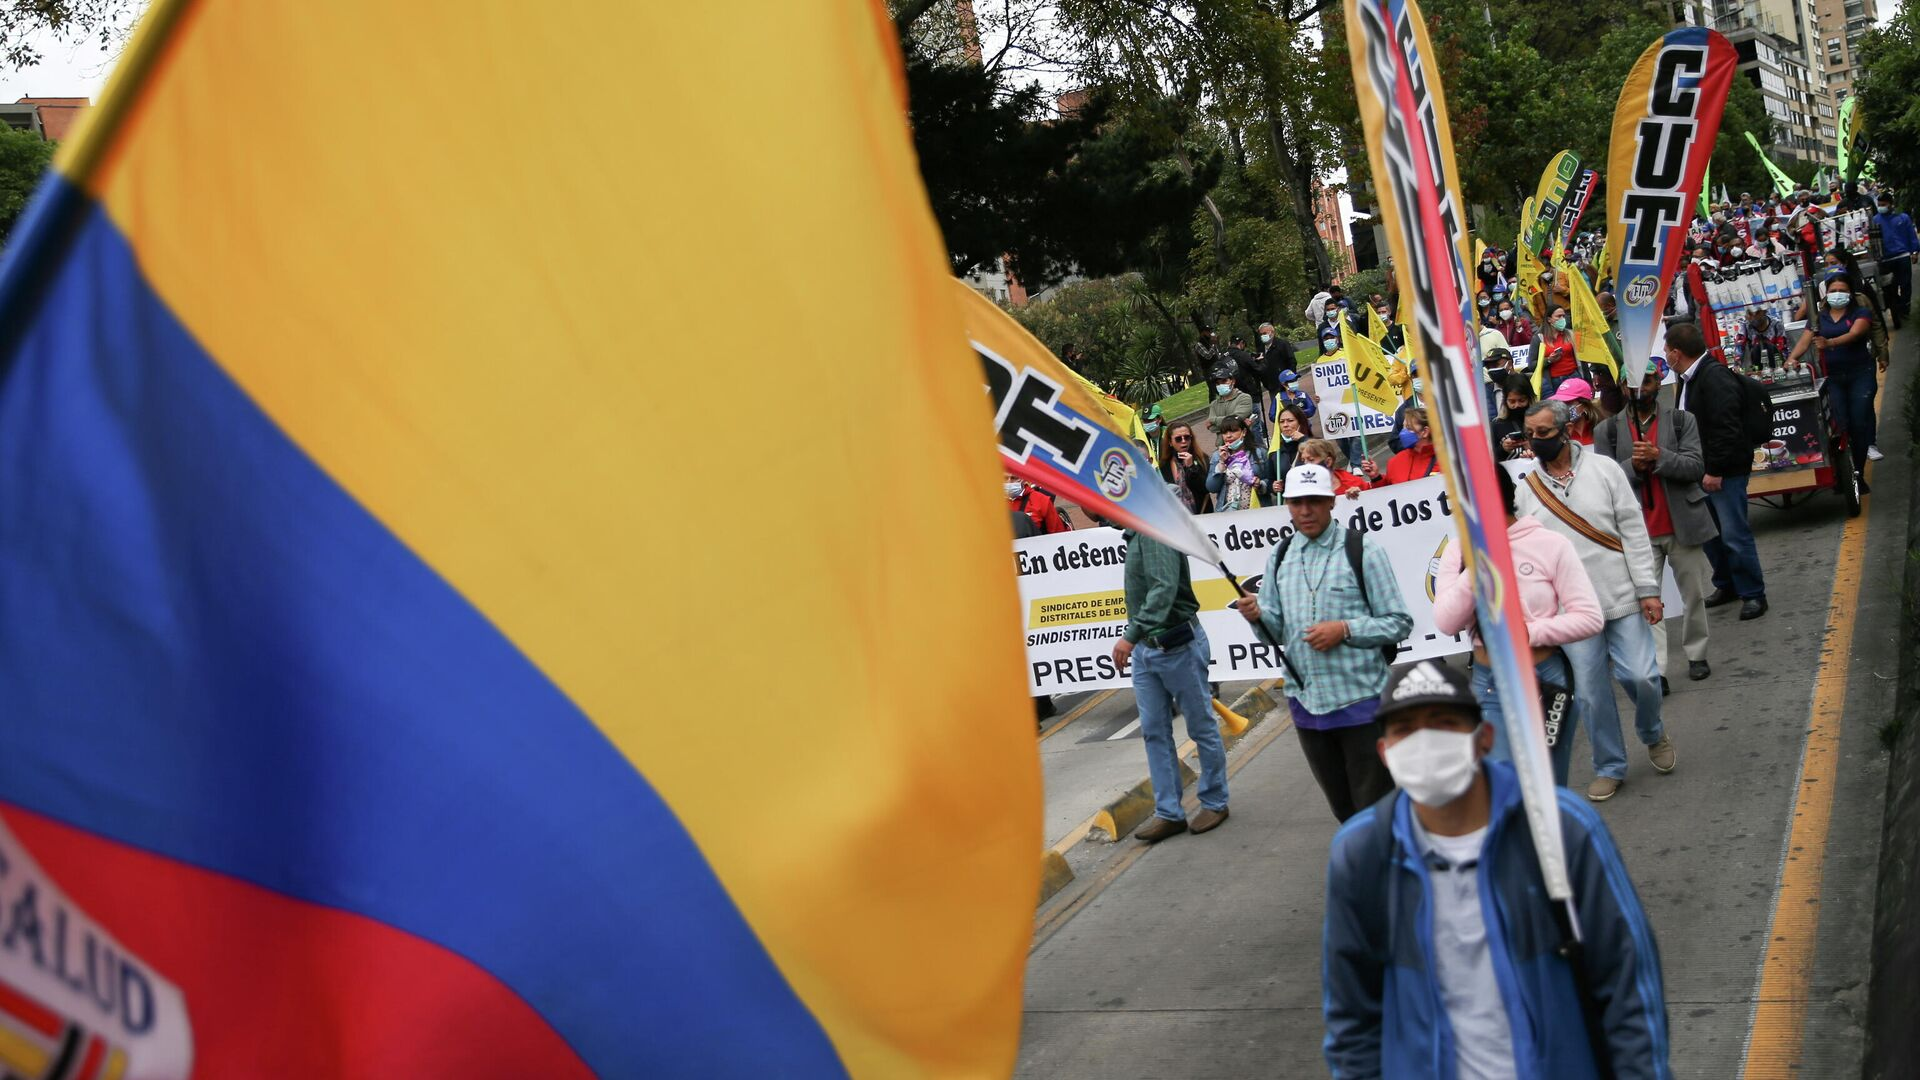 Una marchas contra el gobierno de Iván Duque para protestar por la nueva reforma tributaria - Sputnik Mundo, 1920, 29.09.2021